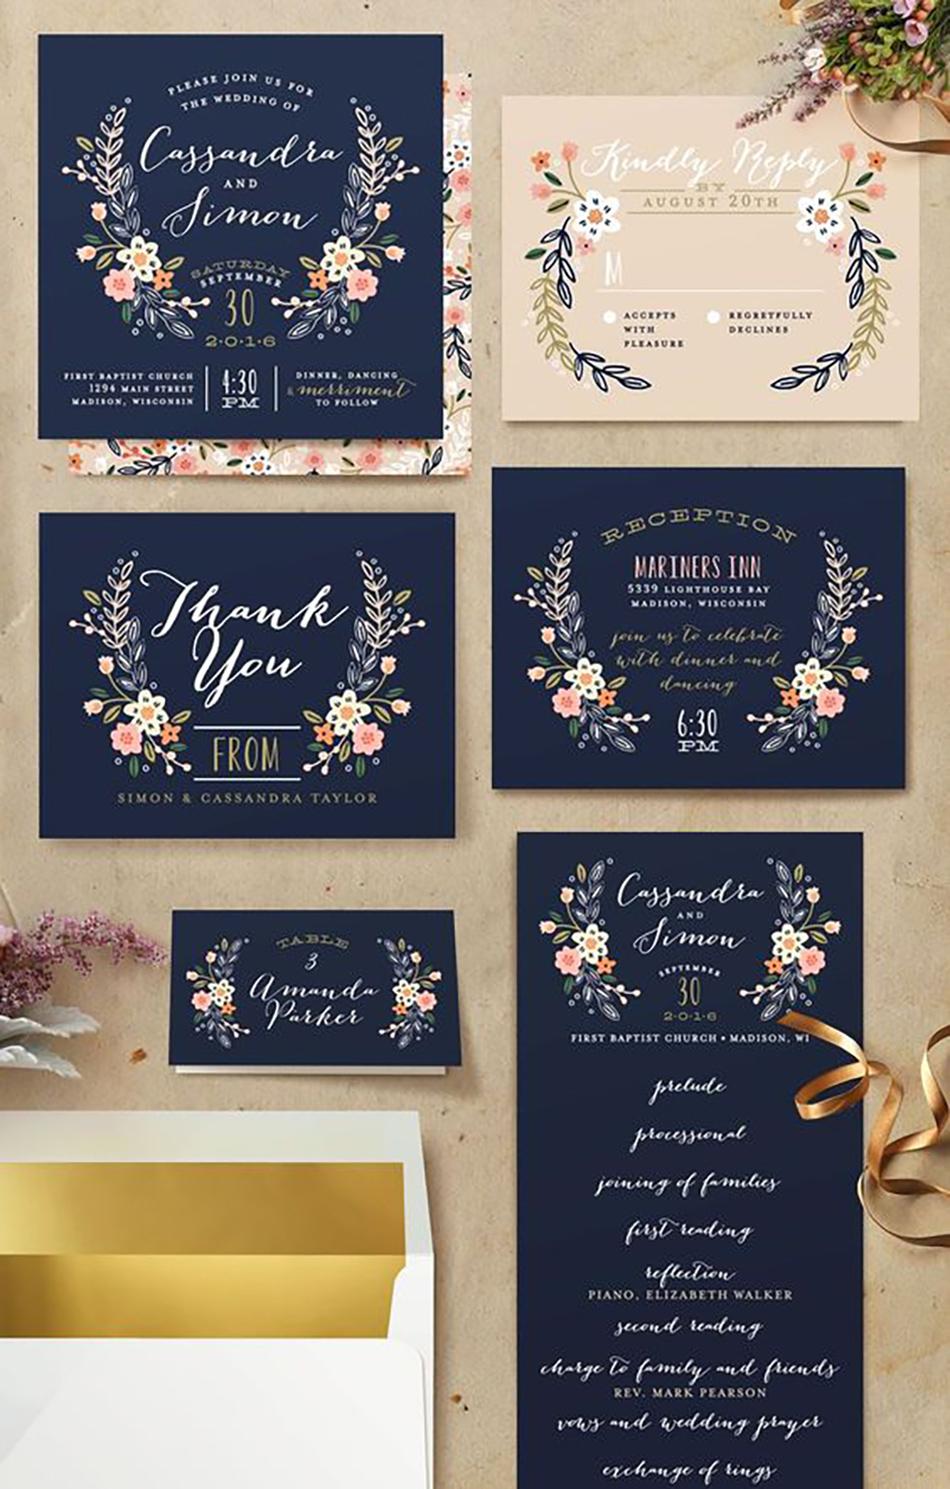 Wedding ideas by colour: Blue wedding invitations - Wildflower crest | CHWV